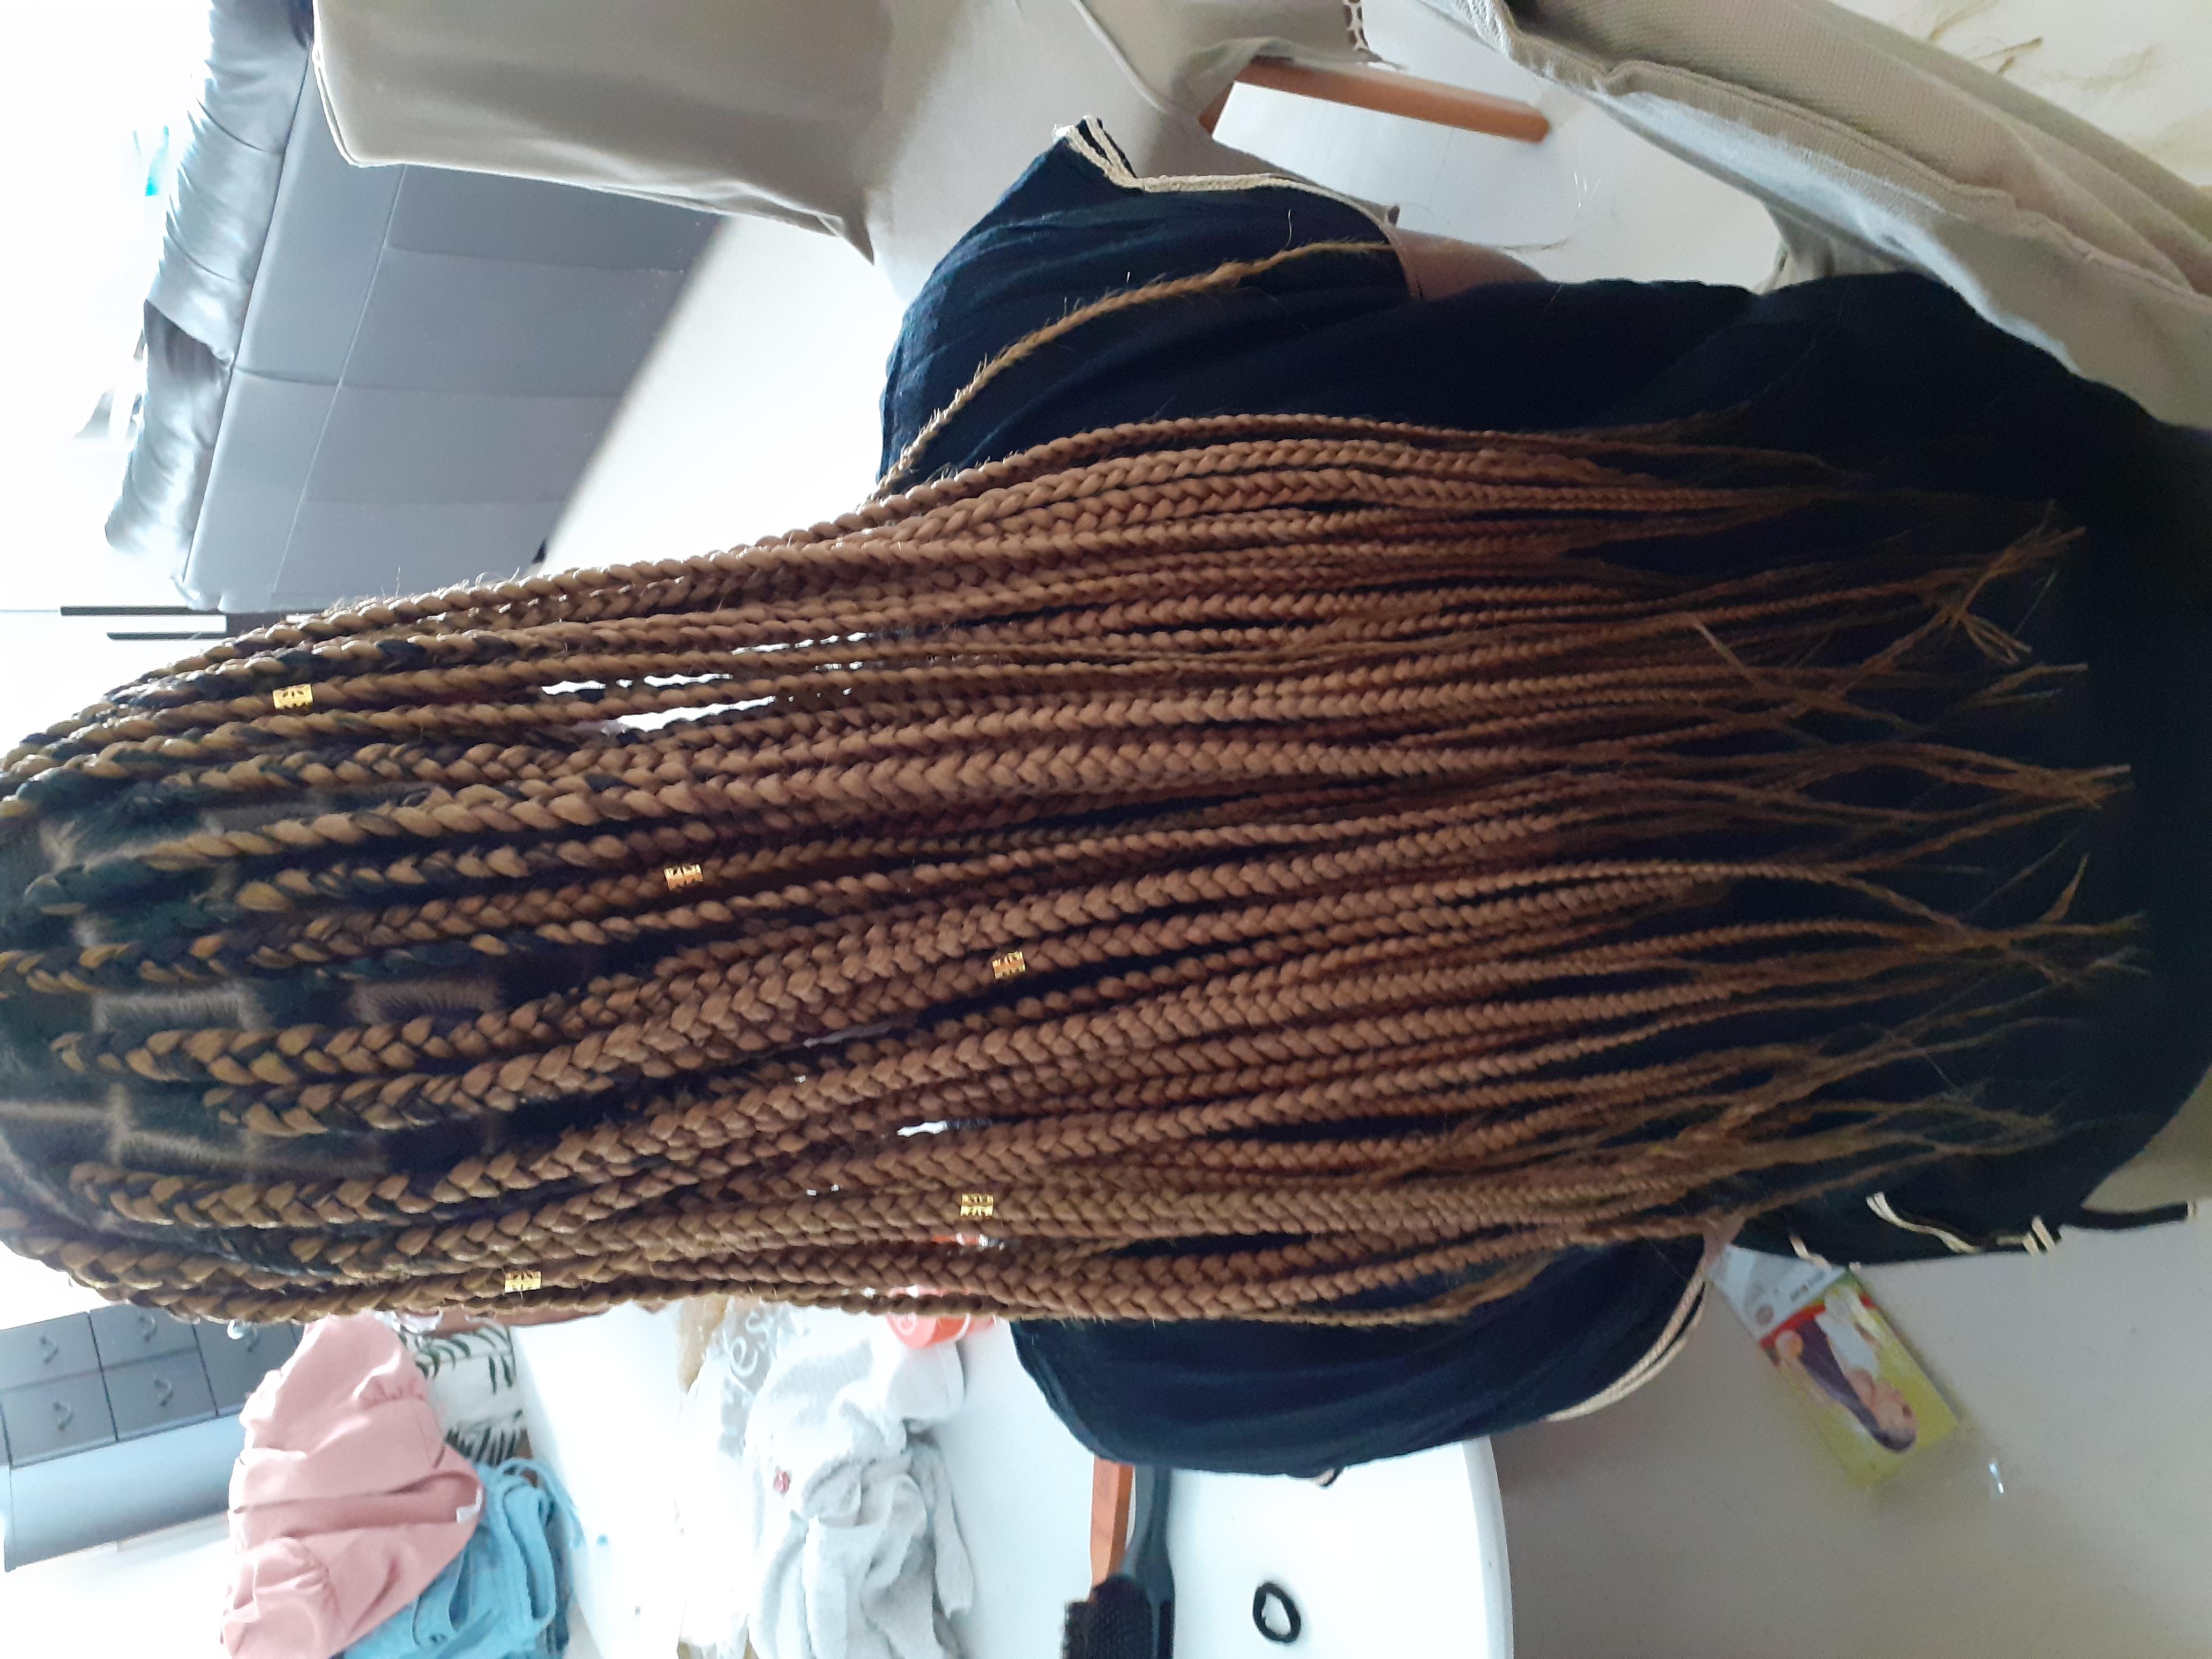 salon de coiffure afro tresse tresses box braids crochet braids vanilles tissages paris 75 77 78 91 92 93 94 95 AFJGBQZW